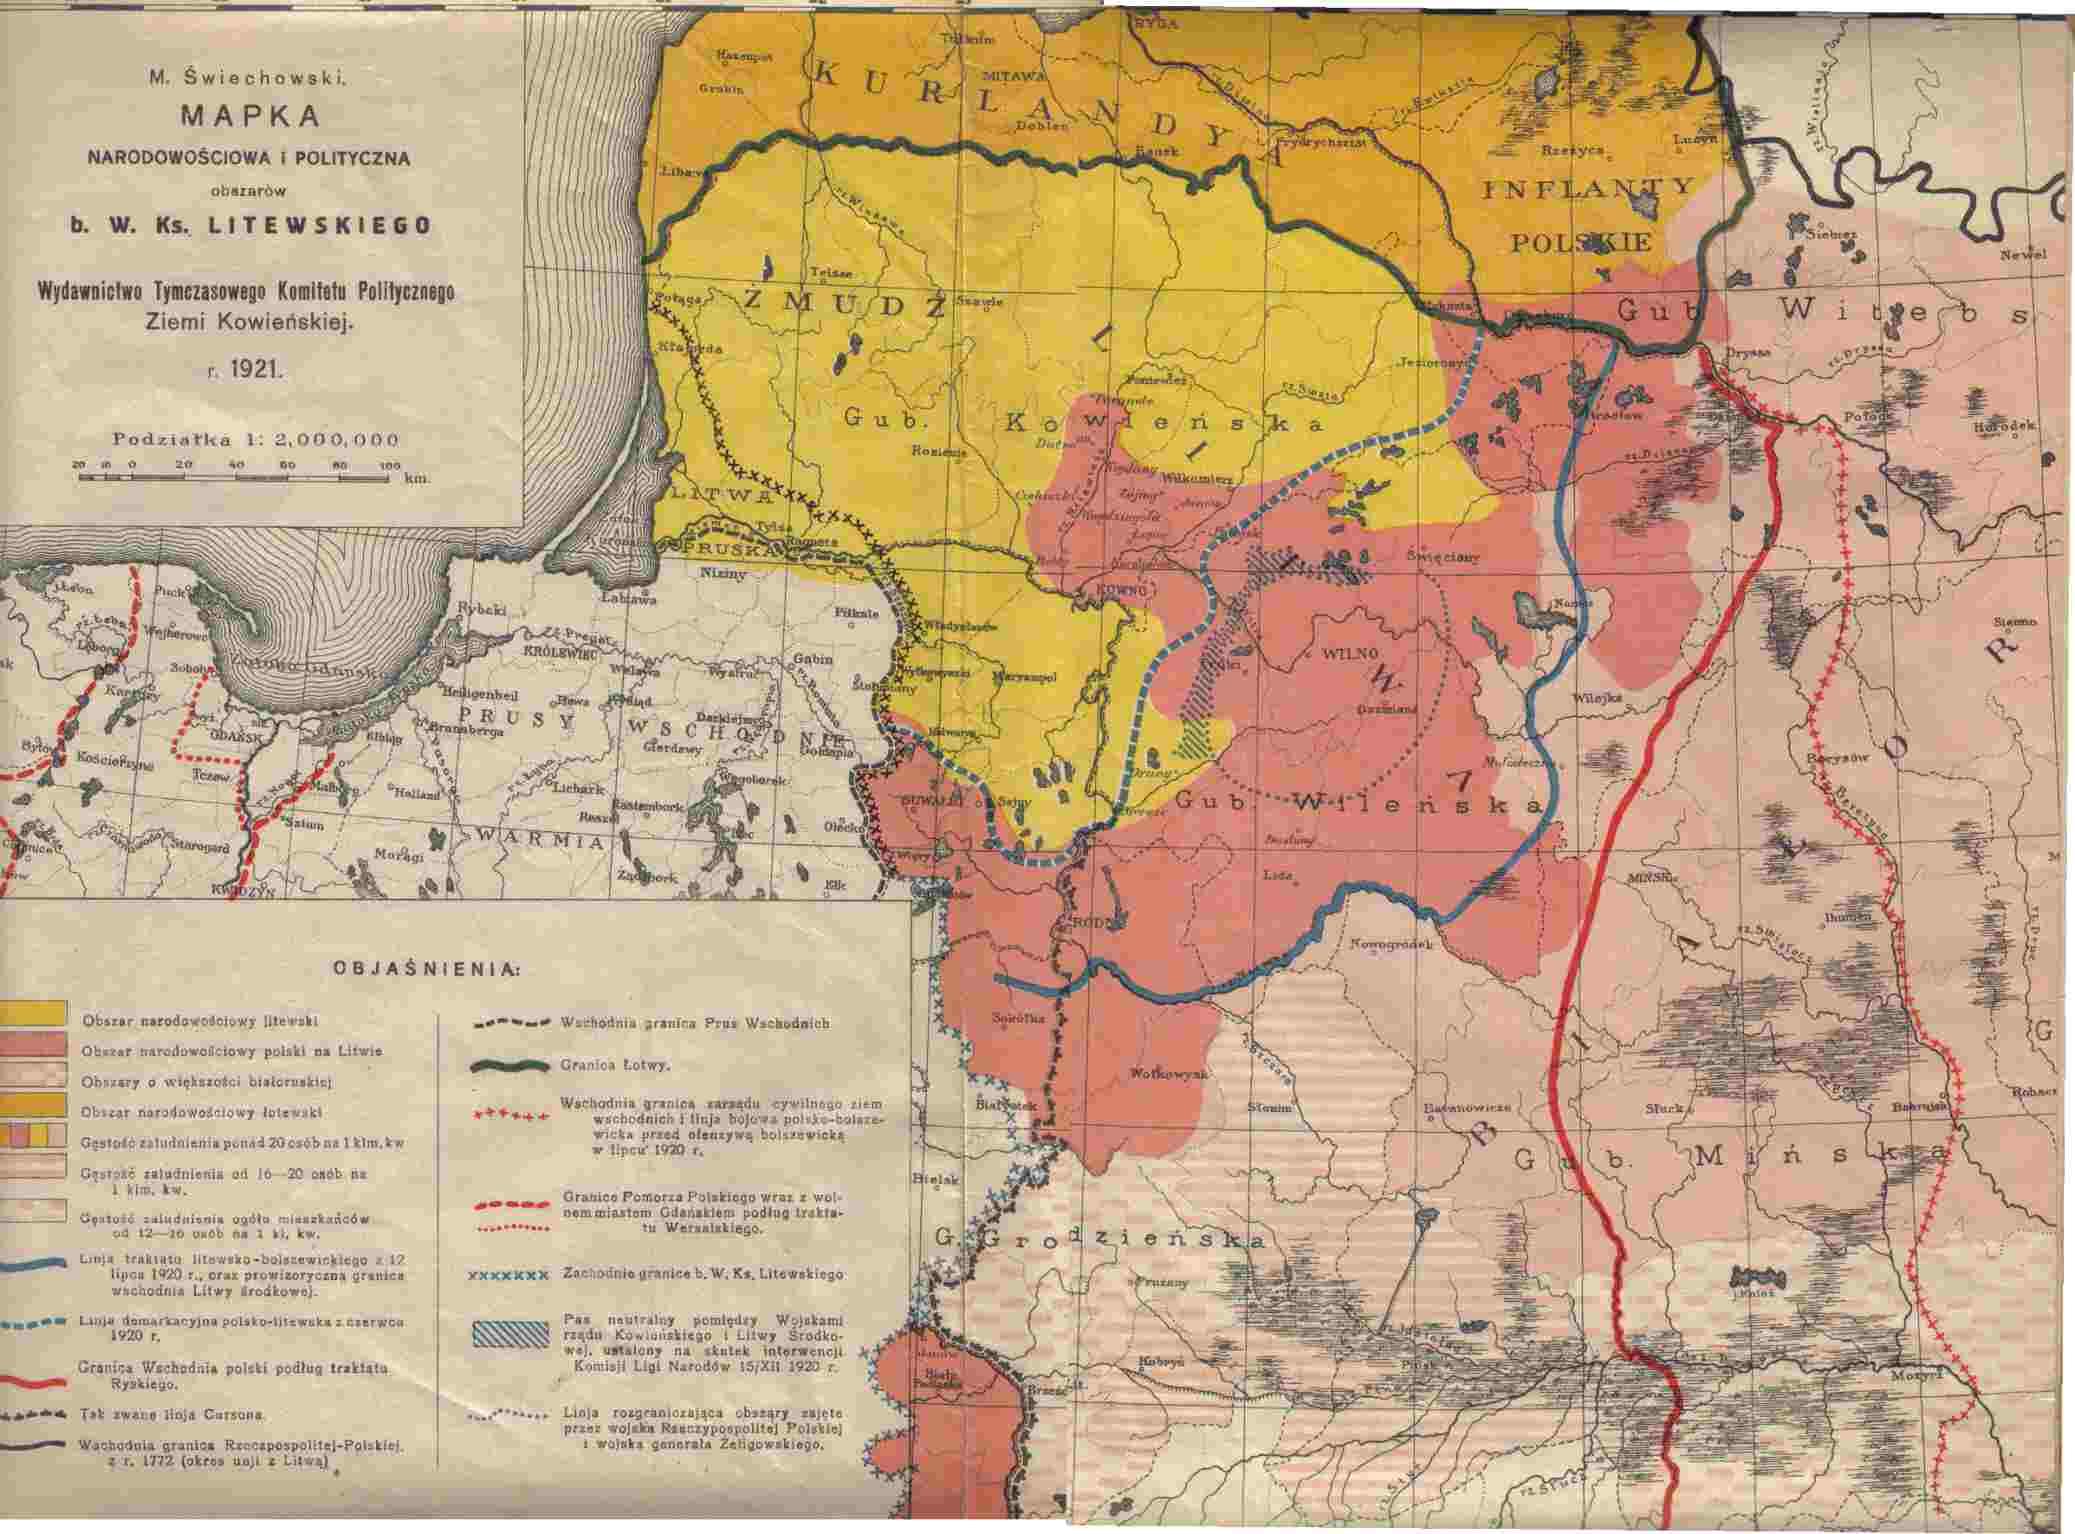 Wielkie Księstwo Litewskie, czyli dyskusja o współczesności